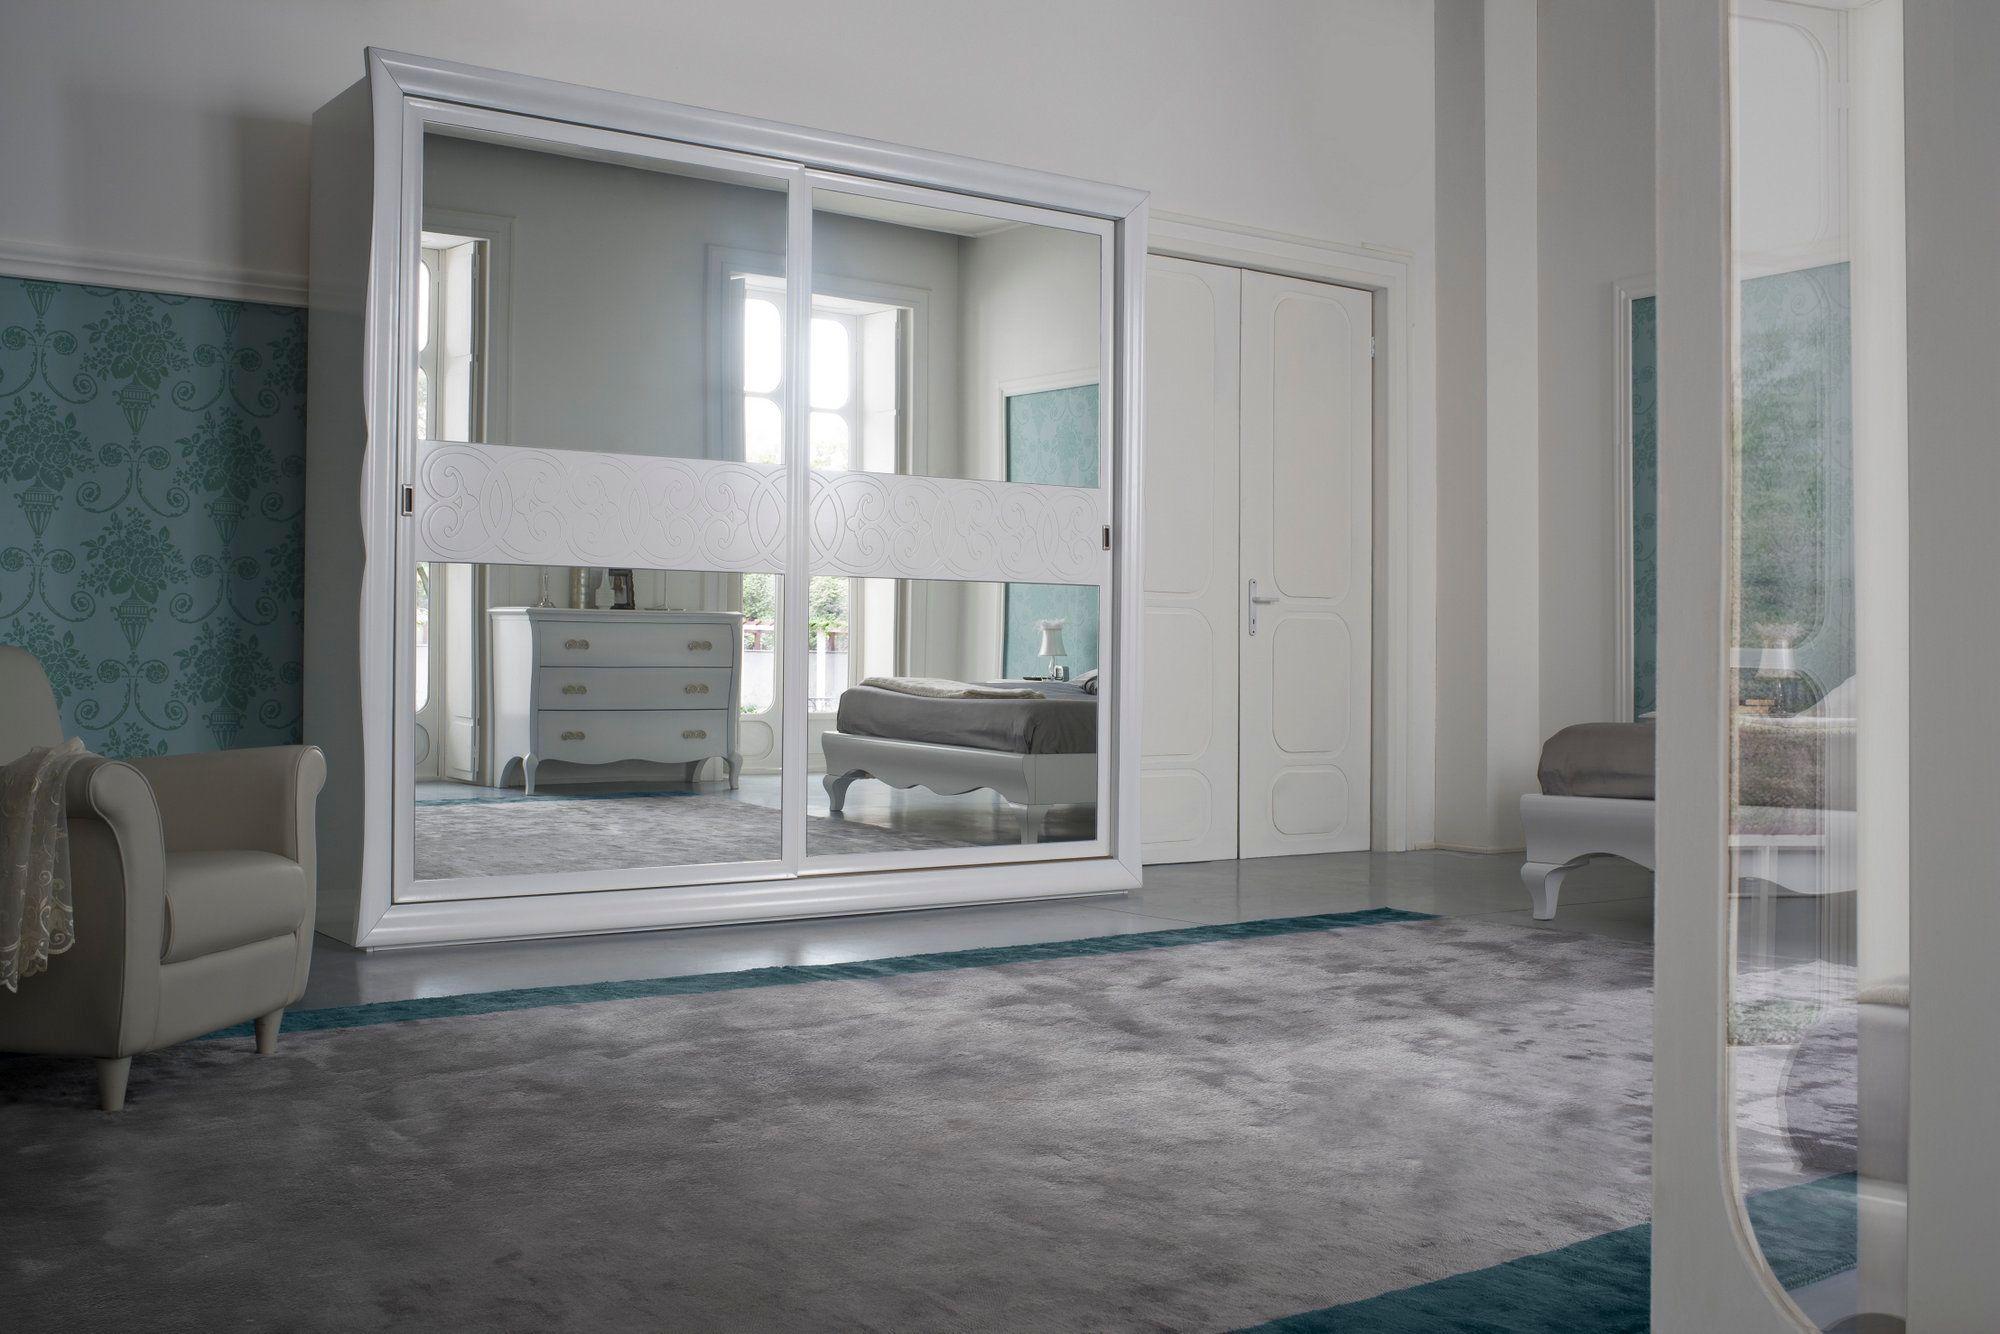 Symfonia armadio laccato by dall agnese design imago - Armadio ante scorrevoli a specchio ...